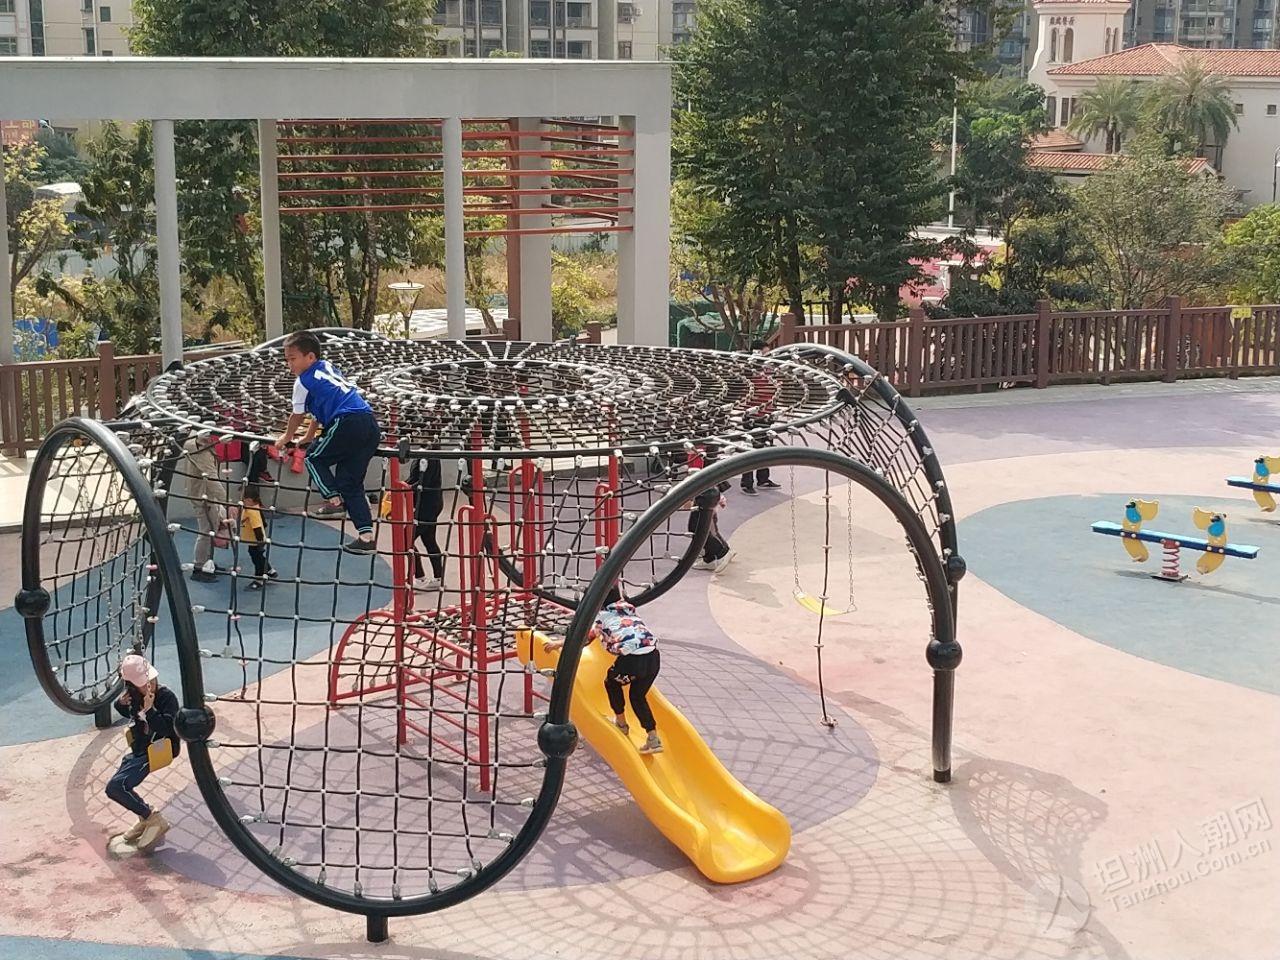 又去中山南部儿童公园